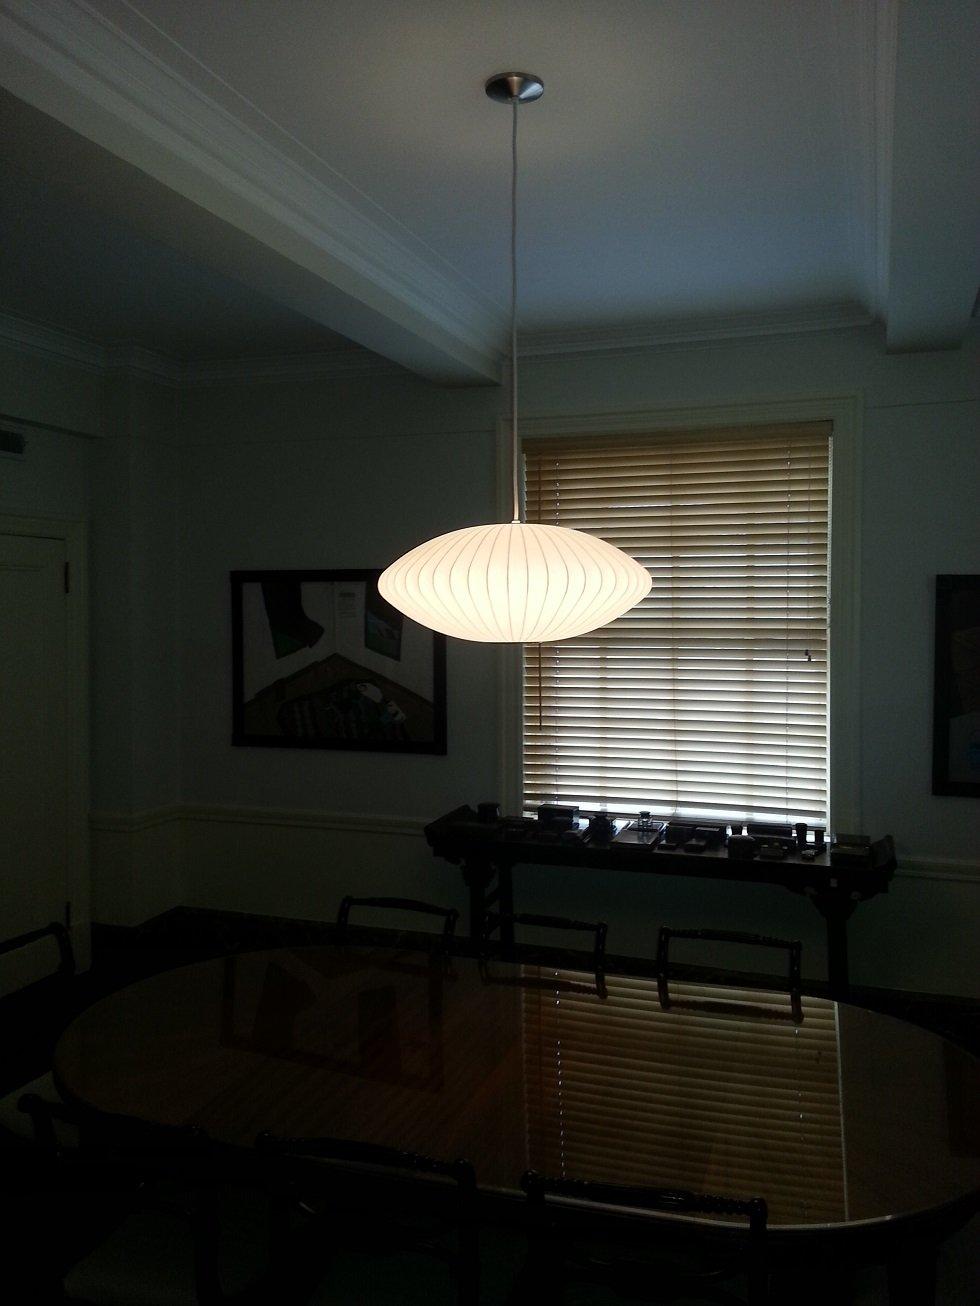 artsy lighting. Rittenhouse Square Artsy Light Install Lighting -